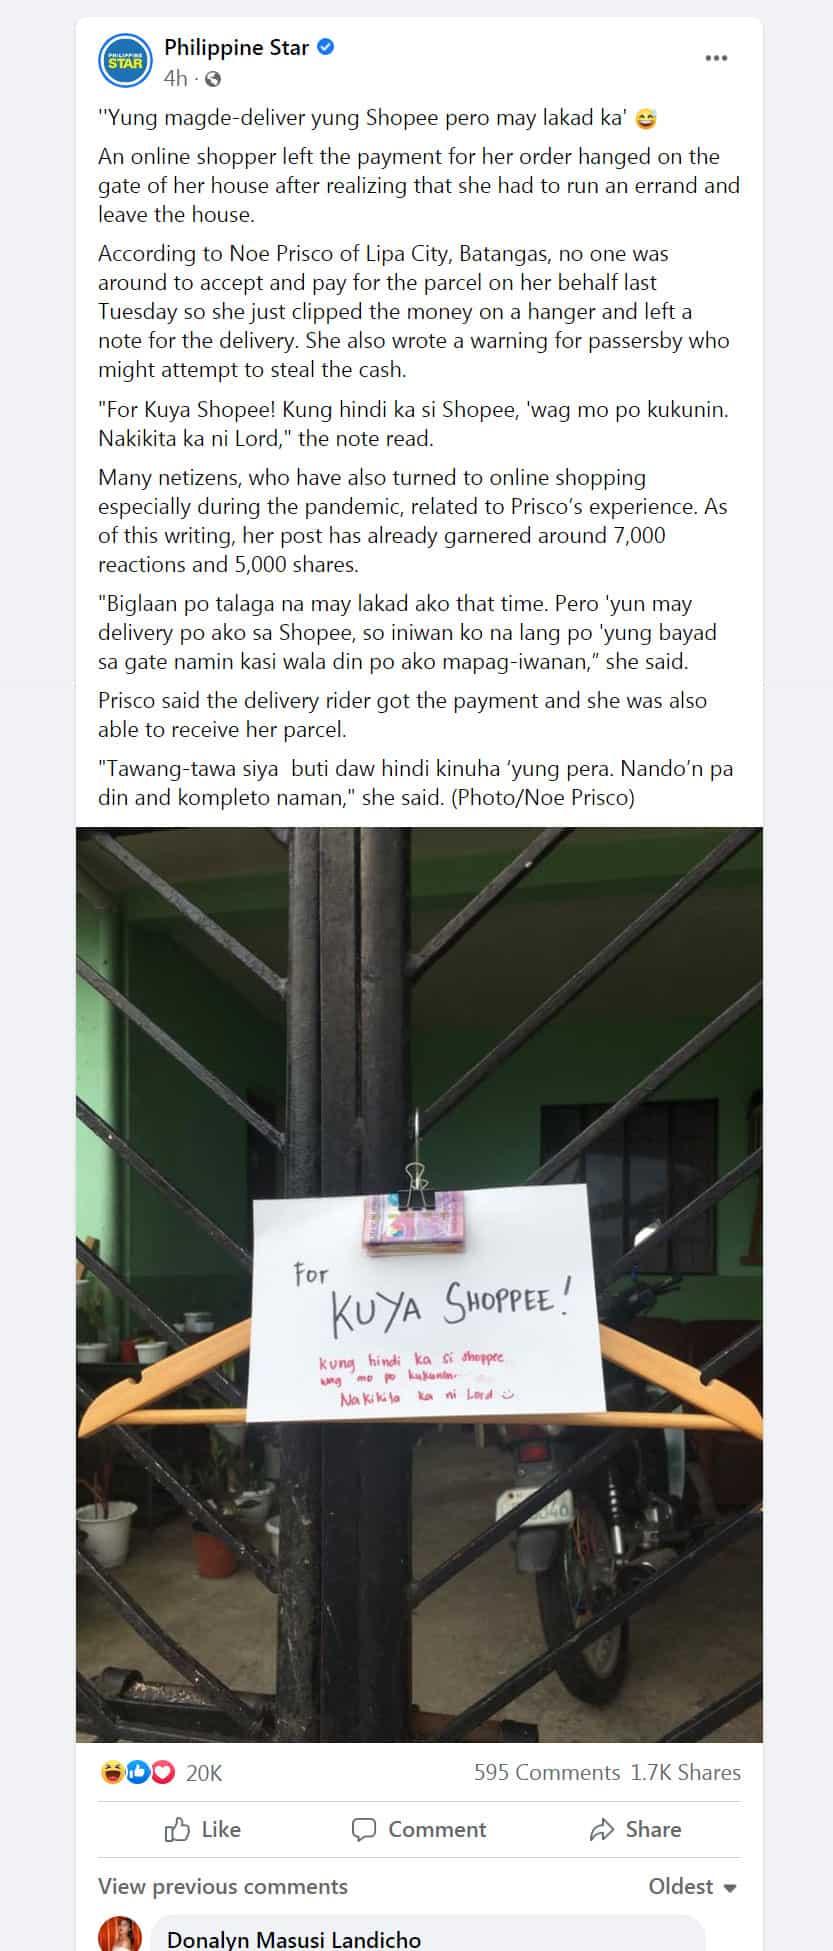 """Customer, iniwan ang perang naka-clip sa gate: """"For Kuya Shopee! Kung hindi ka si Shopee, 'wag mo po kukunin"""""""